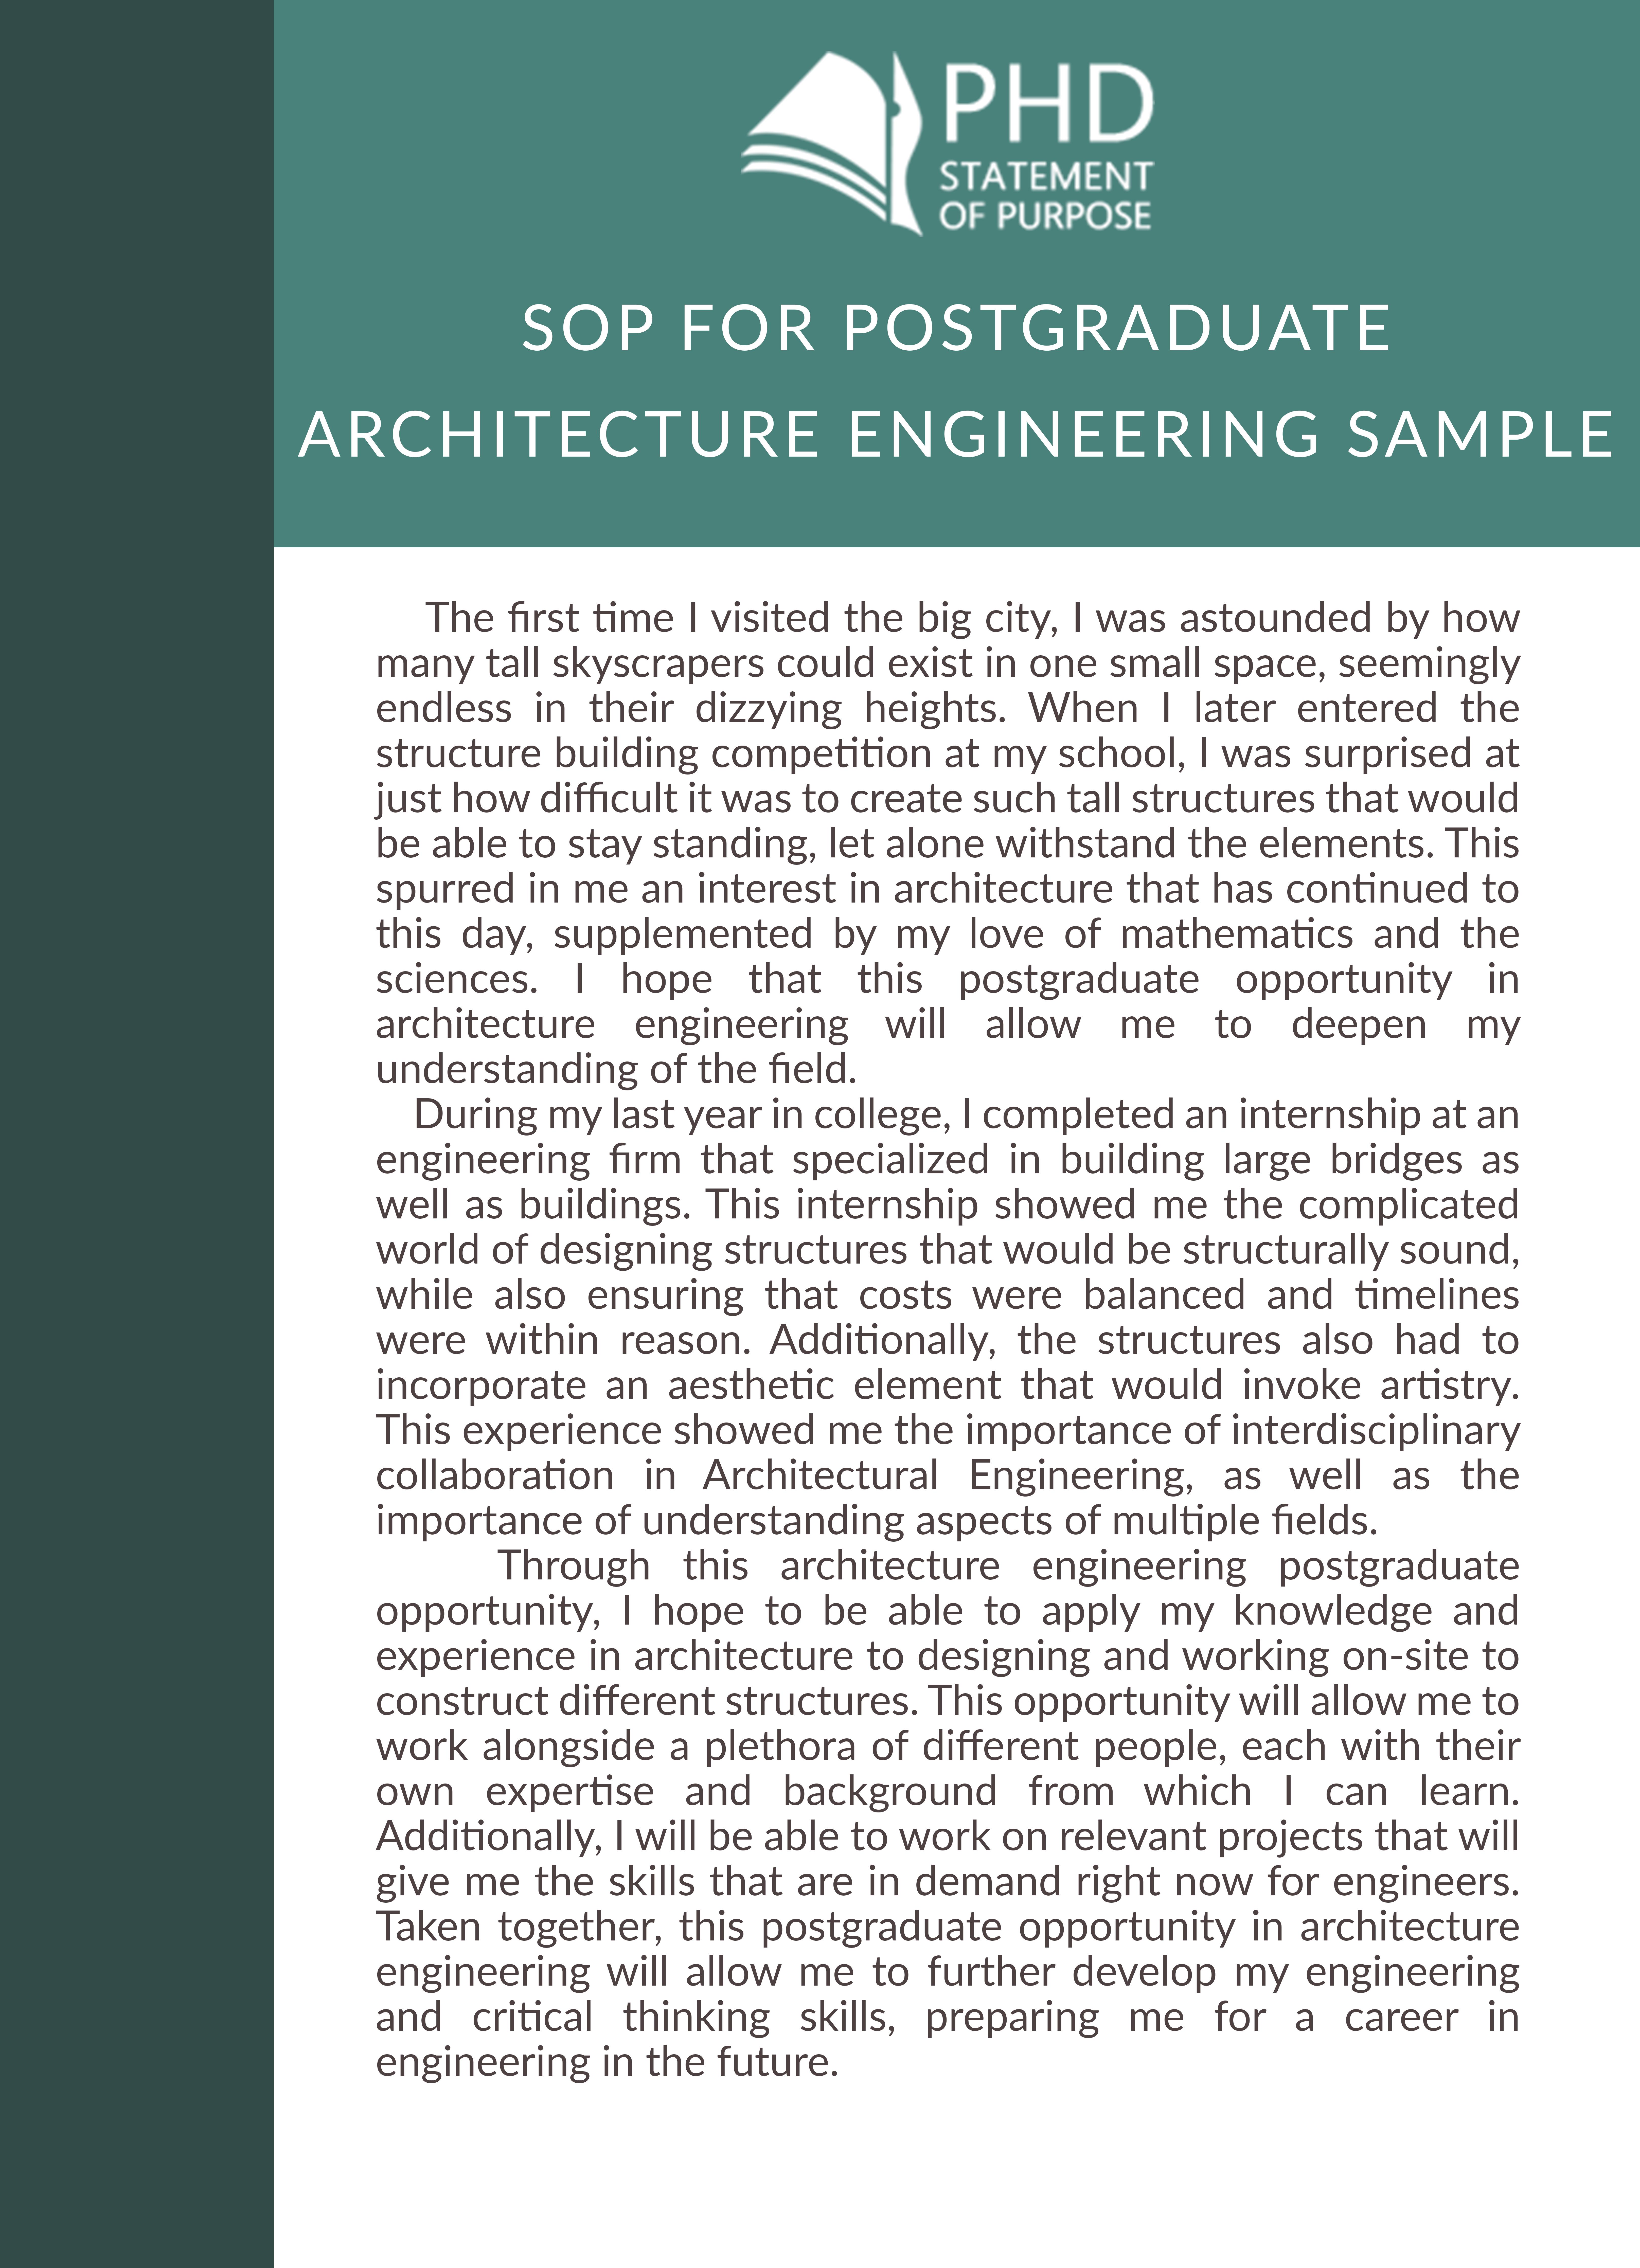 statement of purpose engineering graduate school  u0026 phd help